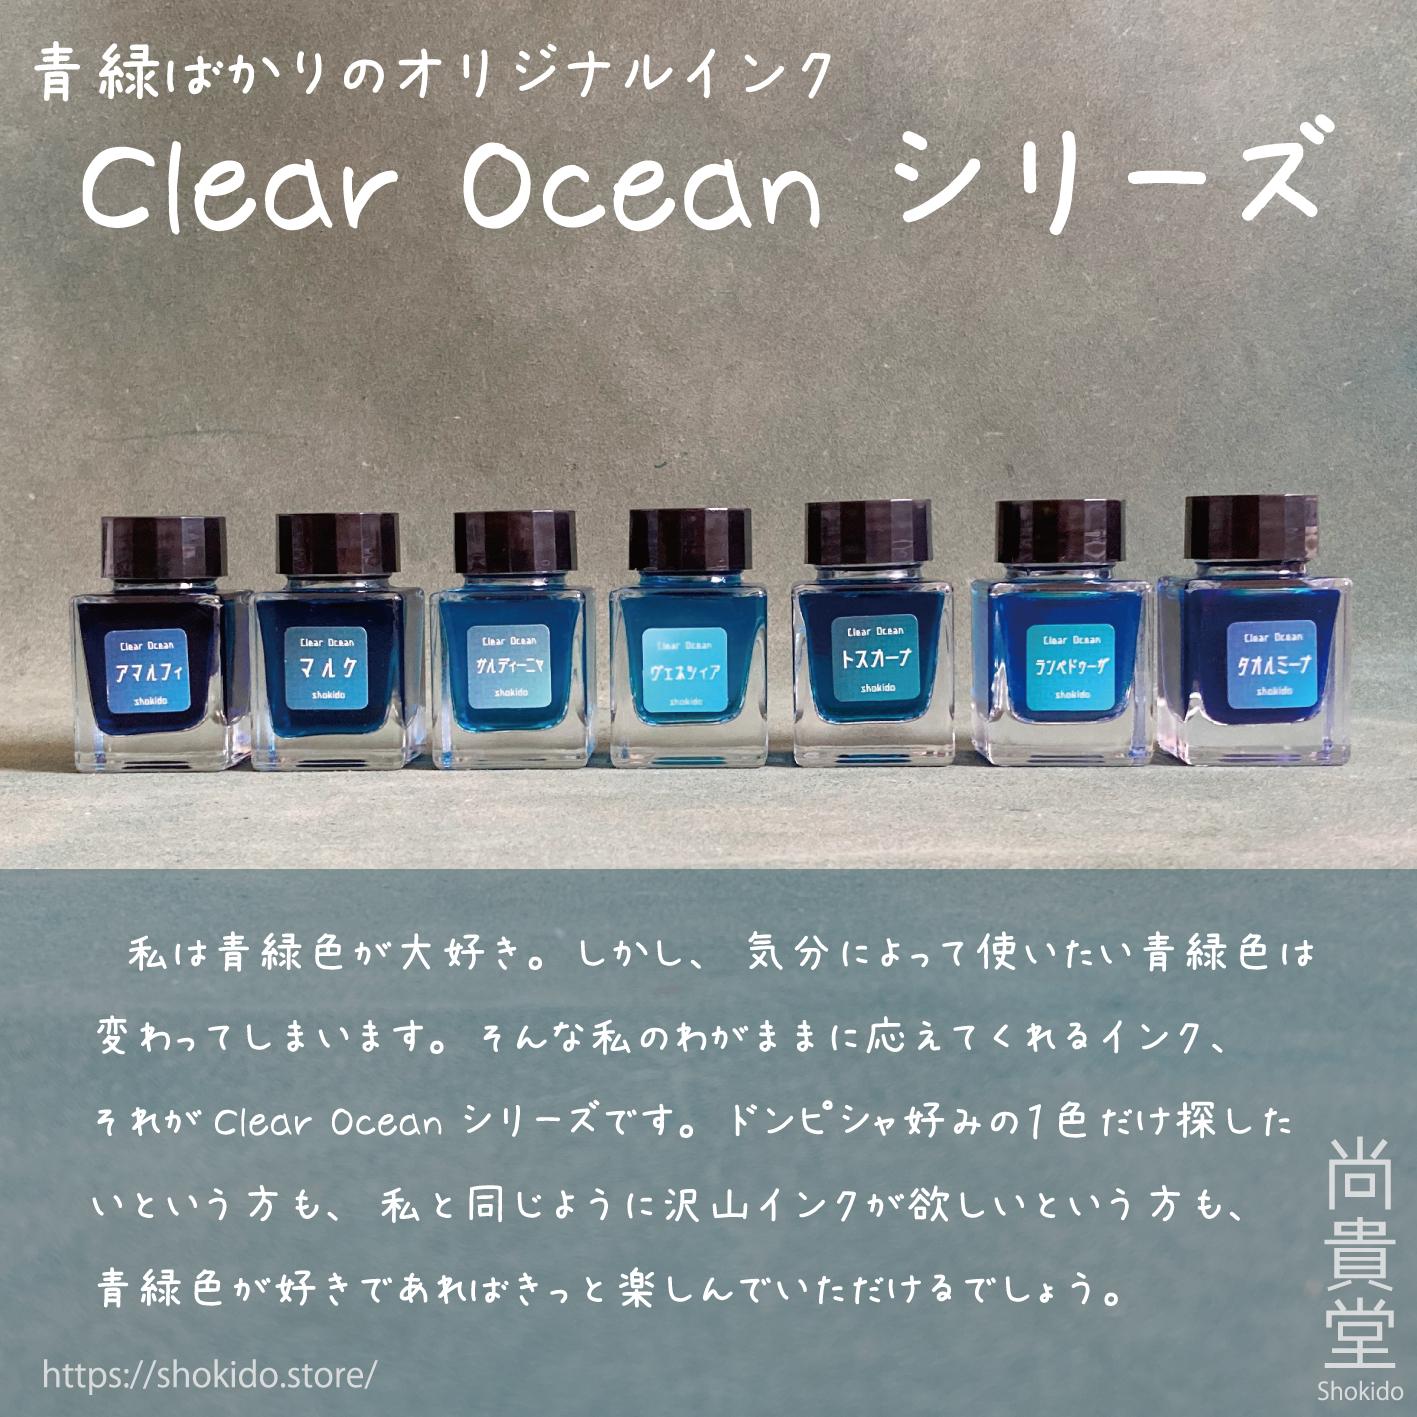 オリジナルインク「Clear Ocean」シリーズ